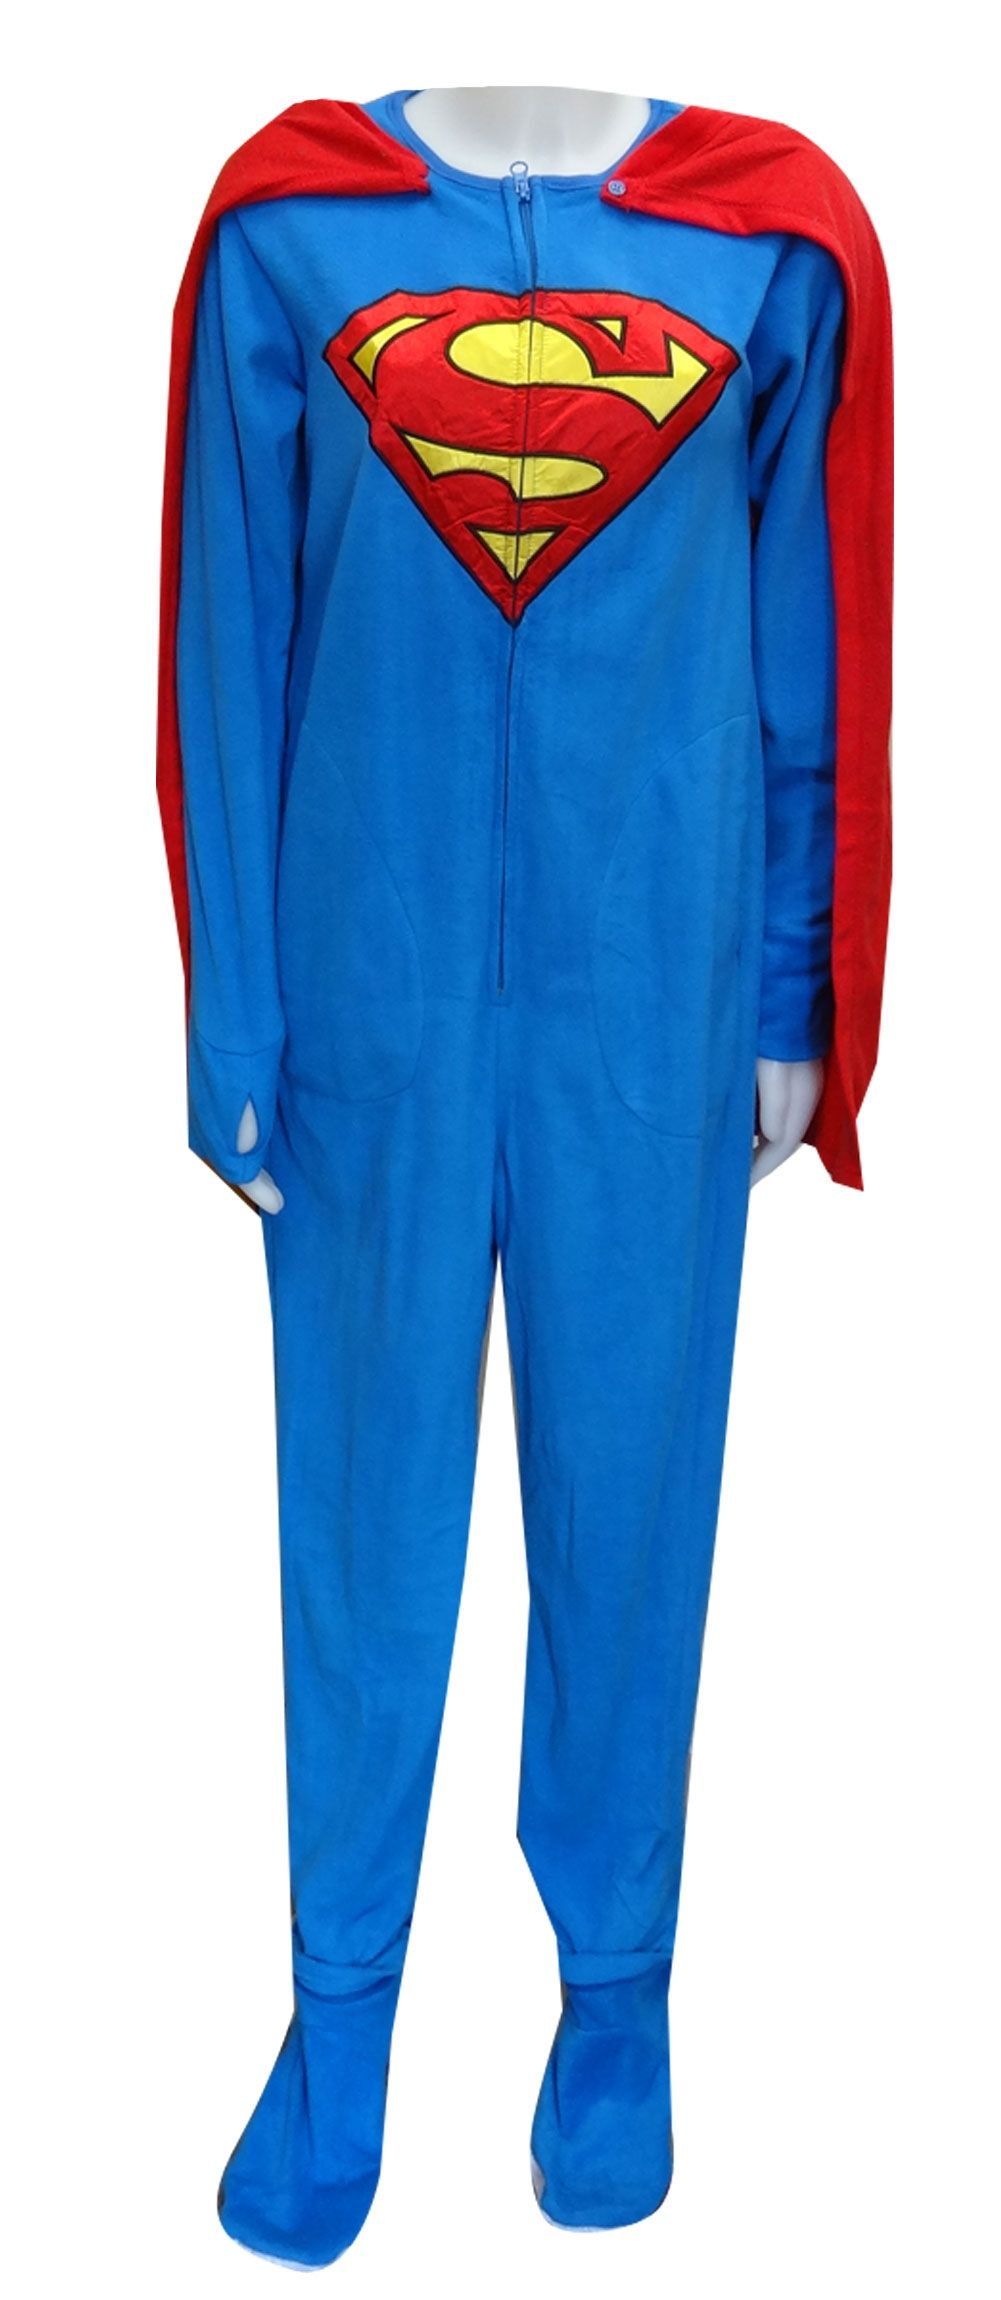 New Adult Medium SUPERMAN Fleece Halloween Union Suit One Piece Costume Cape